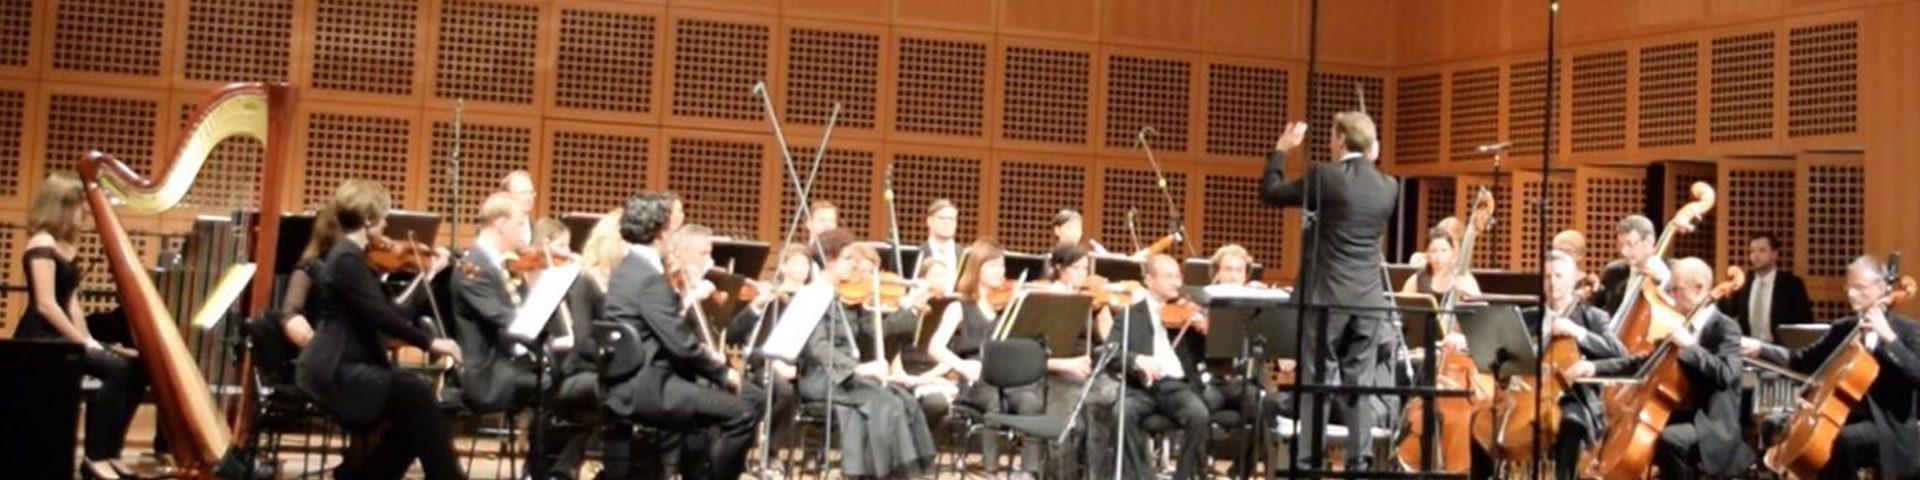 Thomas Gabrisch Dirigent